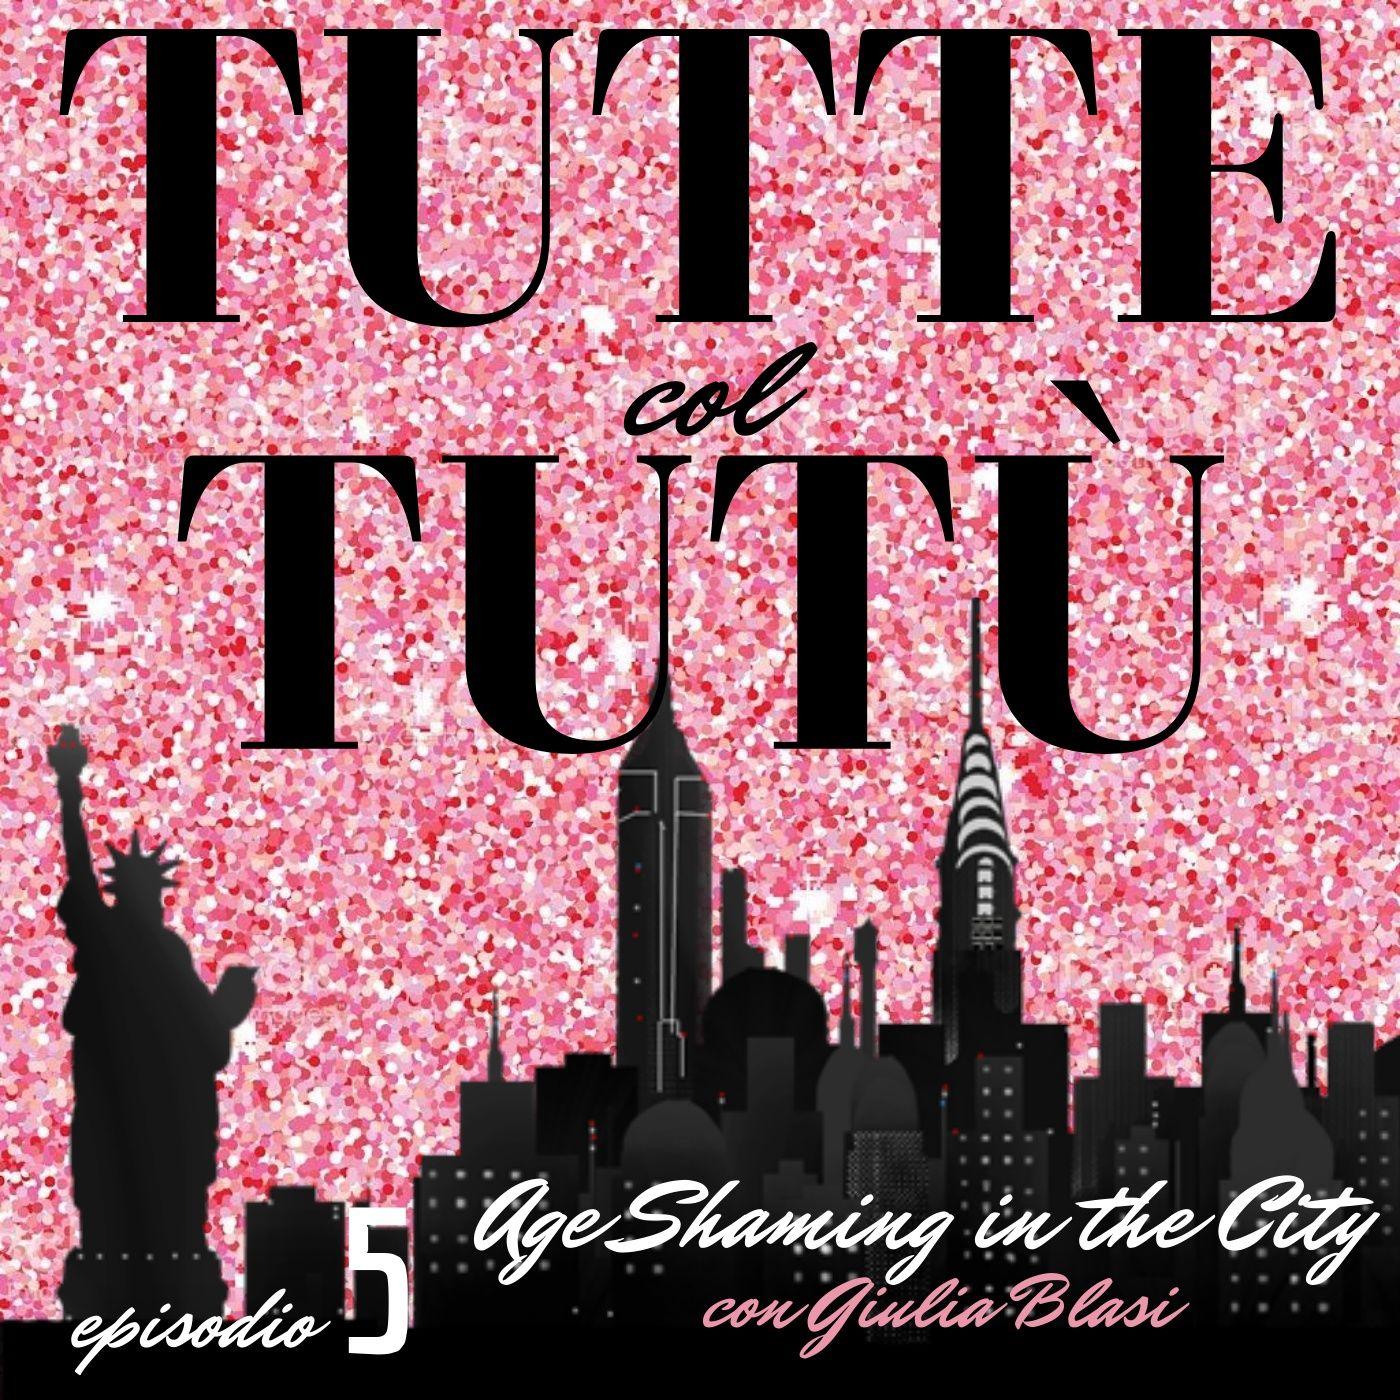 Episodio 5: Age Shaming in the City - con Giulia Blasi